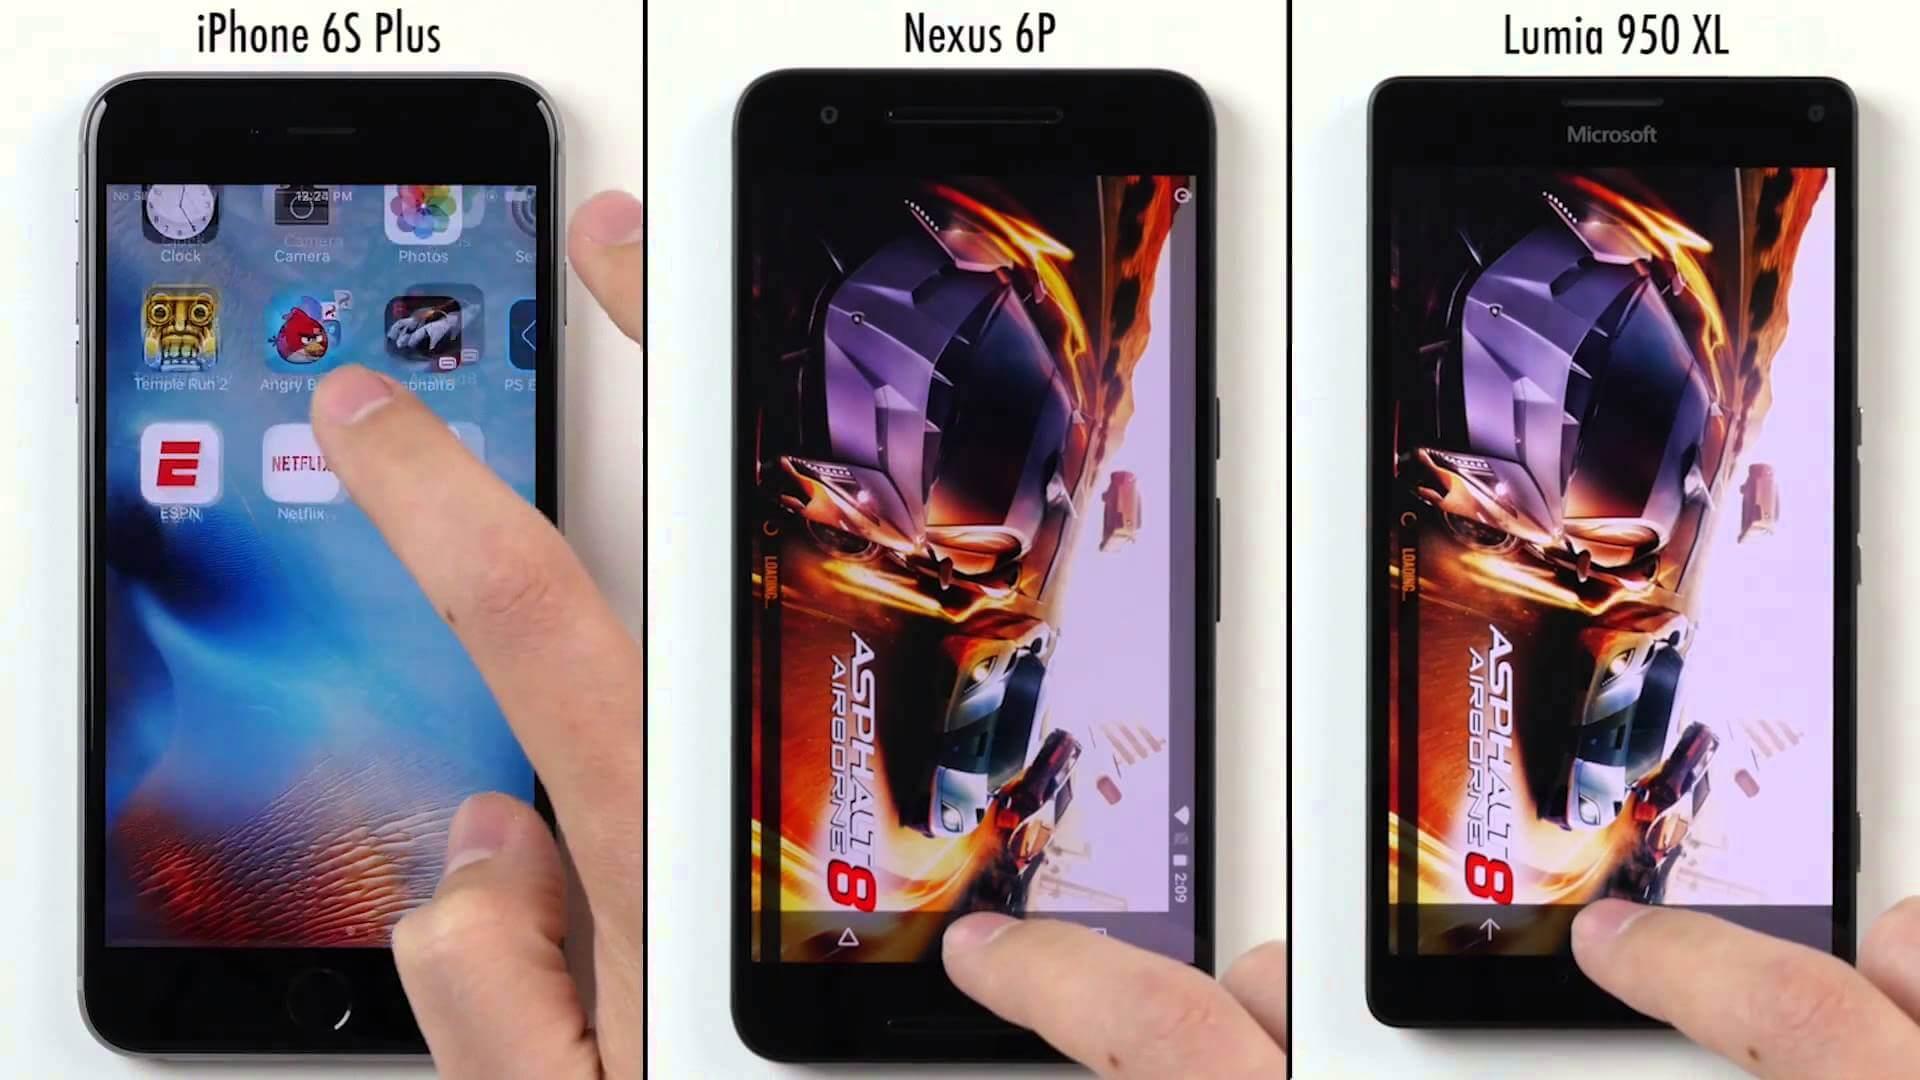 Pojedynek gigantów: iPhone 6S vs Lumia 950 XL vs Nexus 6P